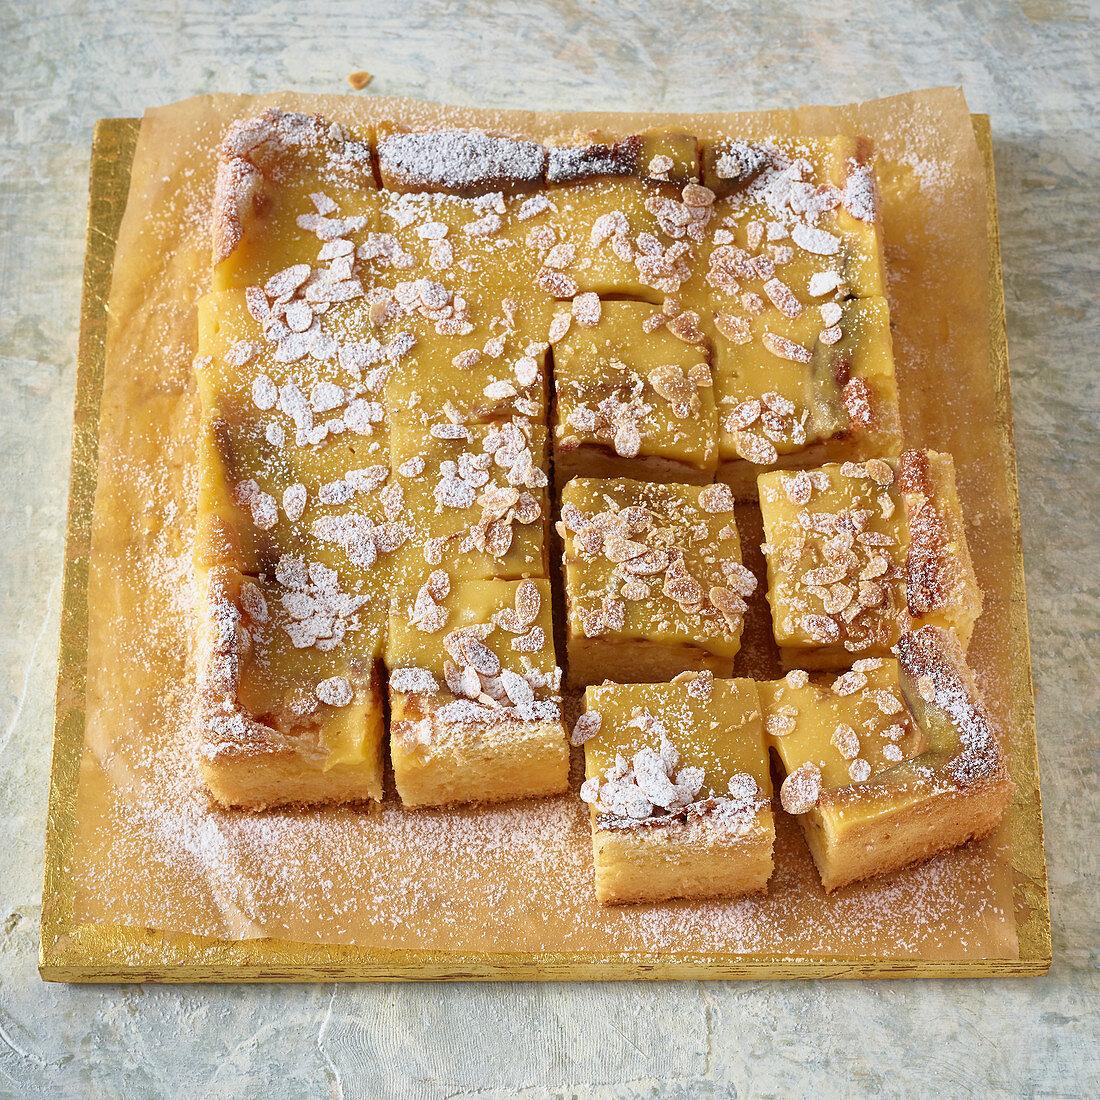 Passion fruit and lemon cream poke cake